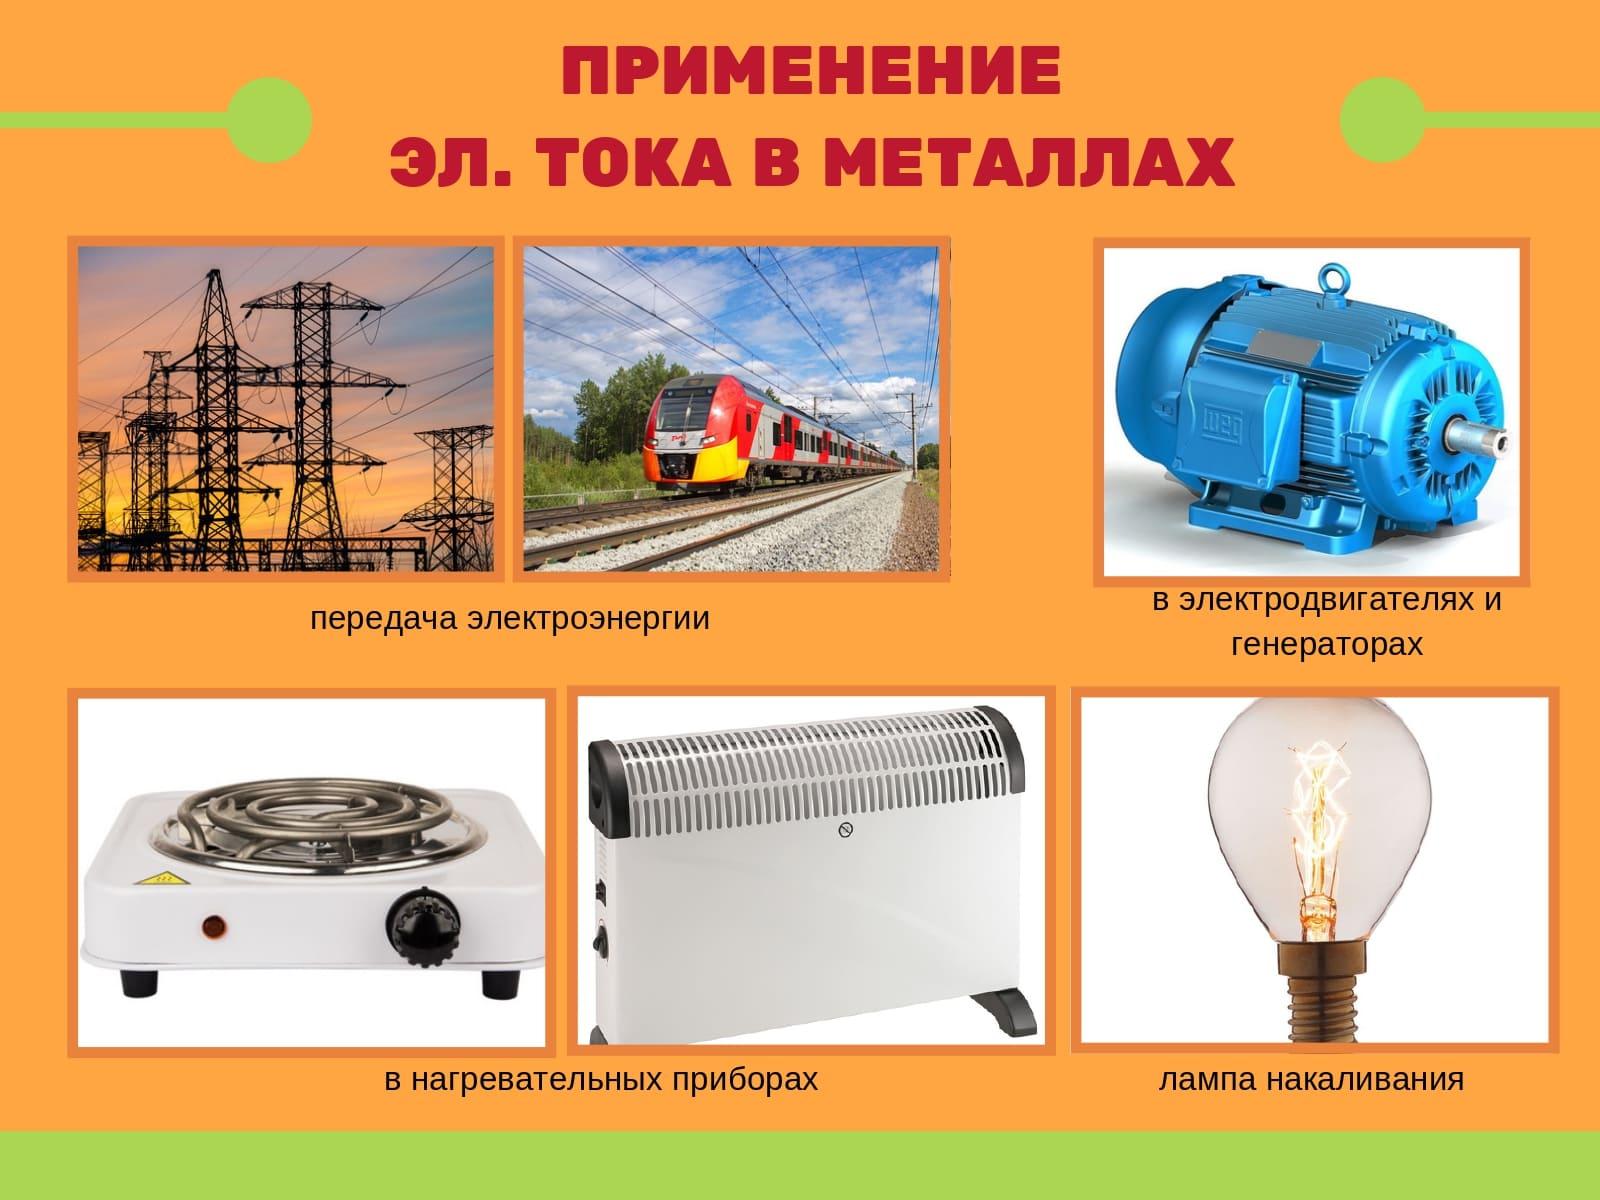 Применение электрического тока в металлах